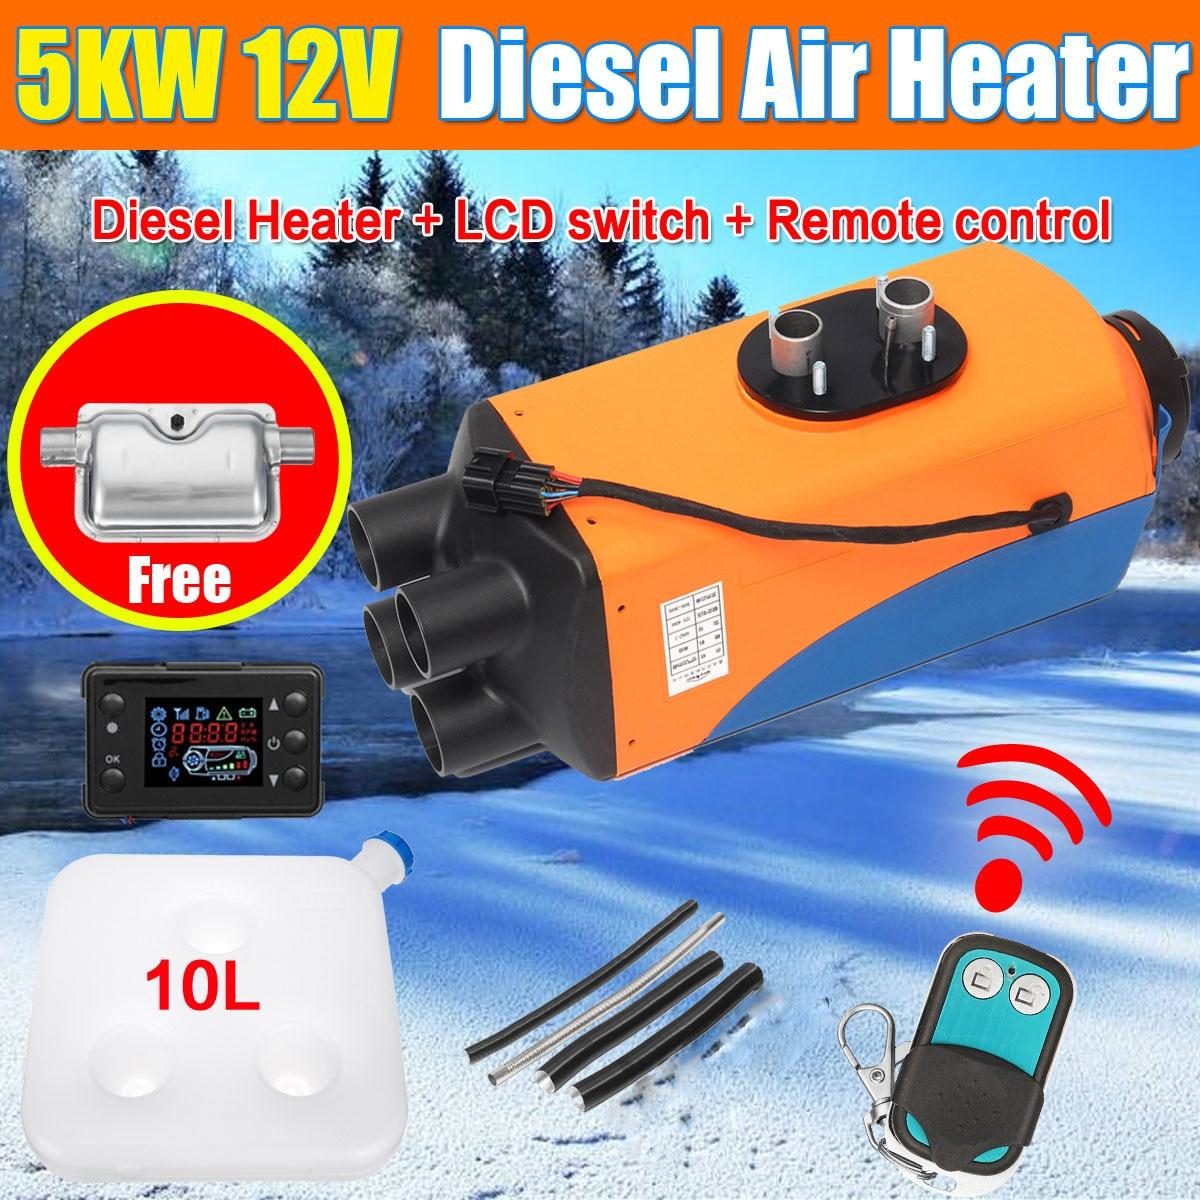 KROAK Chauffage De la Voiture 12 v 5KW Air Diesels Chauffe-Chauffage de Stationnement Avec ÉCRAN LCD Télécommande pour Camping-Car RV Remorque Camions bateaux